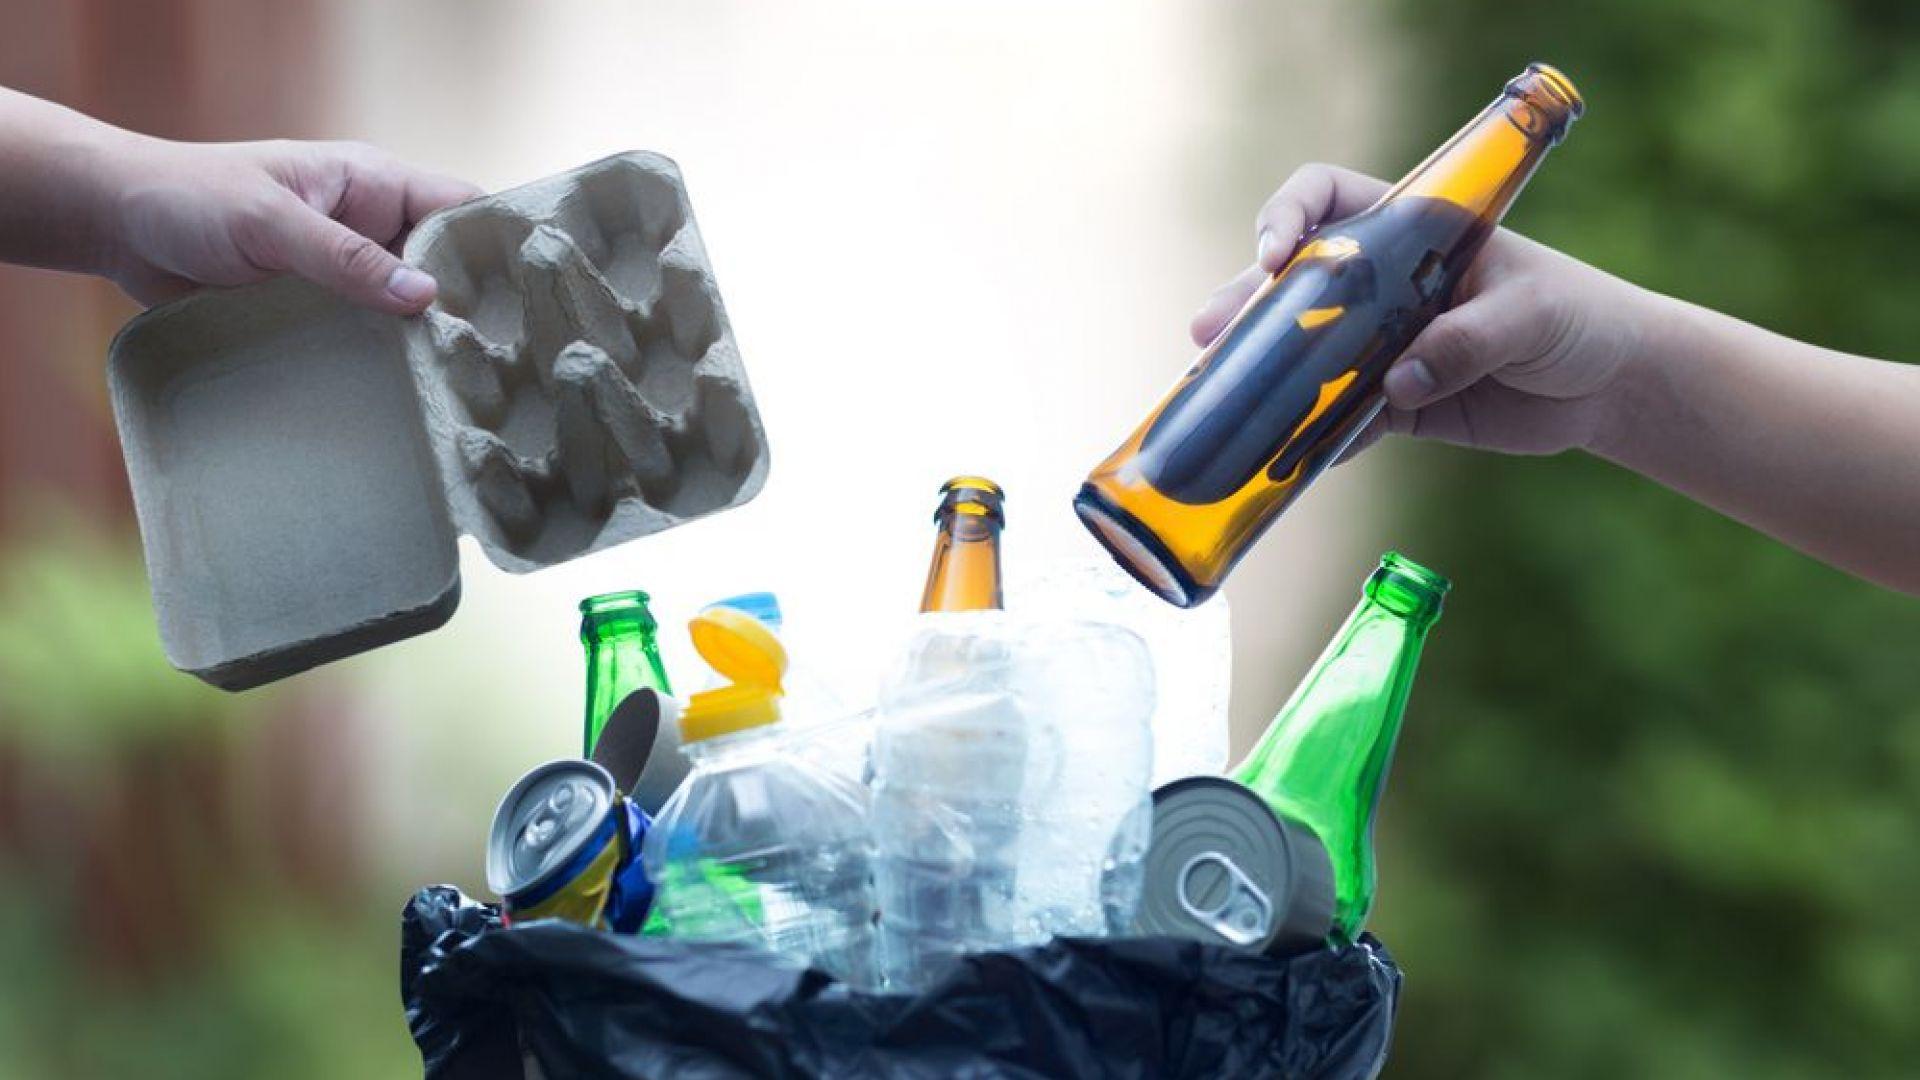 Забраната на пластмасата може да навреди повече на околната среда